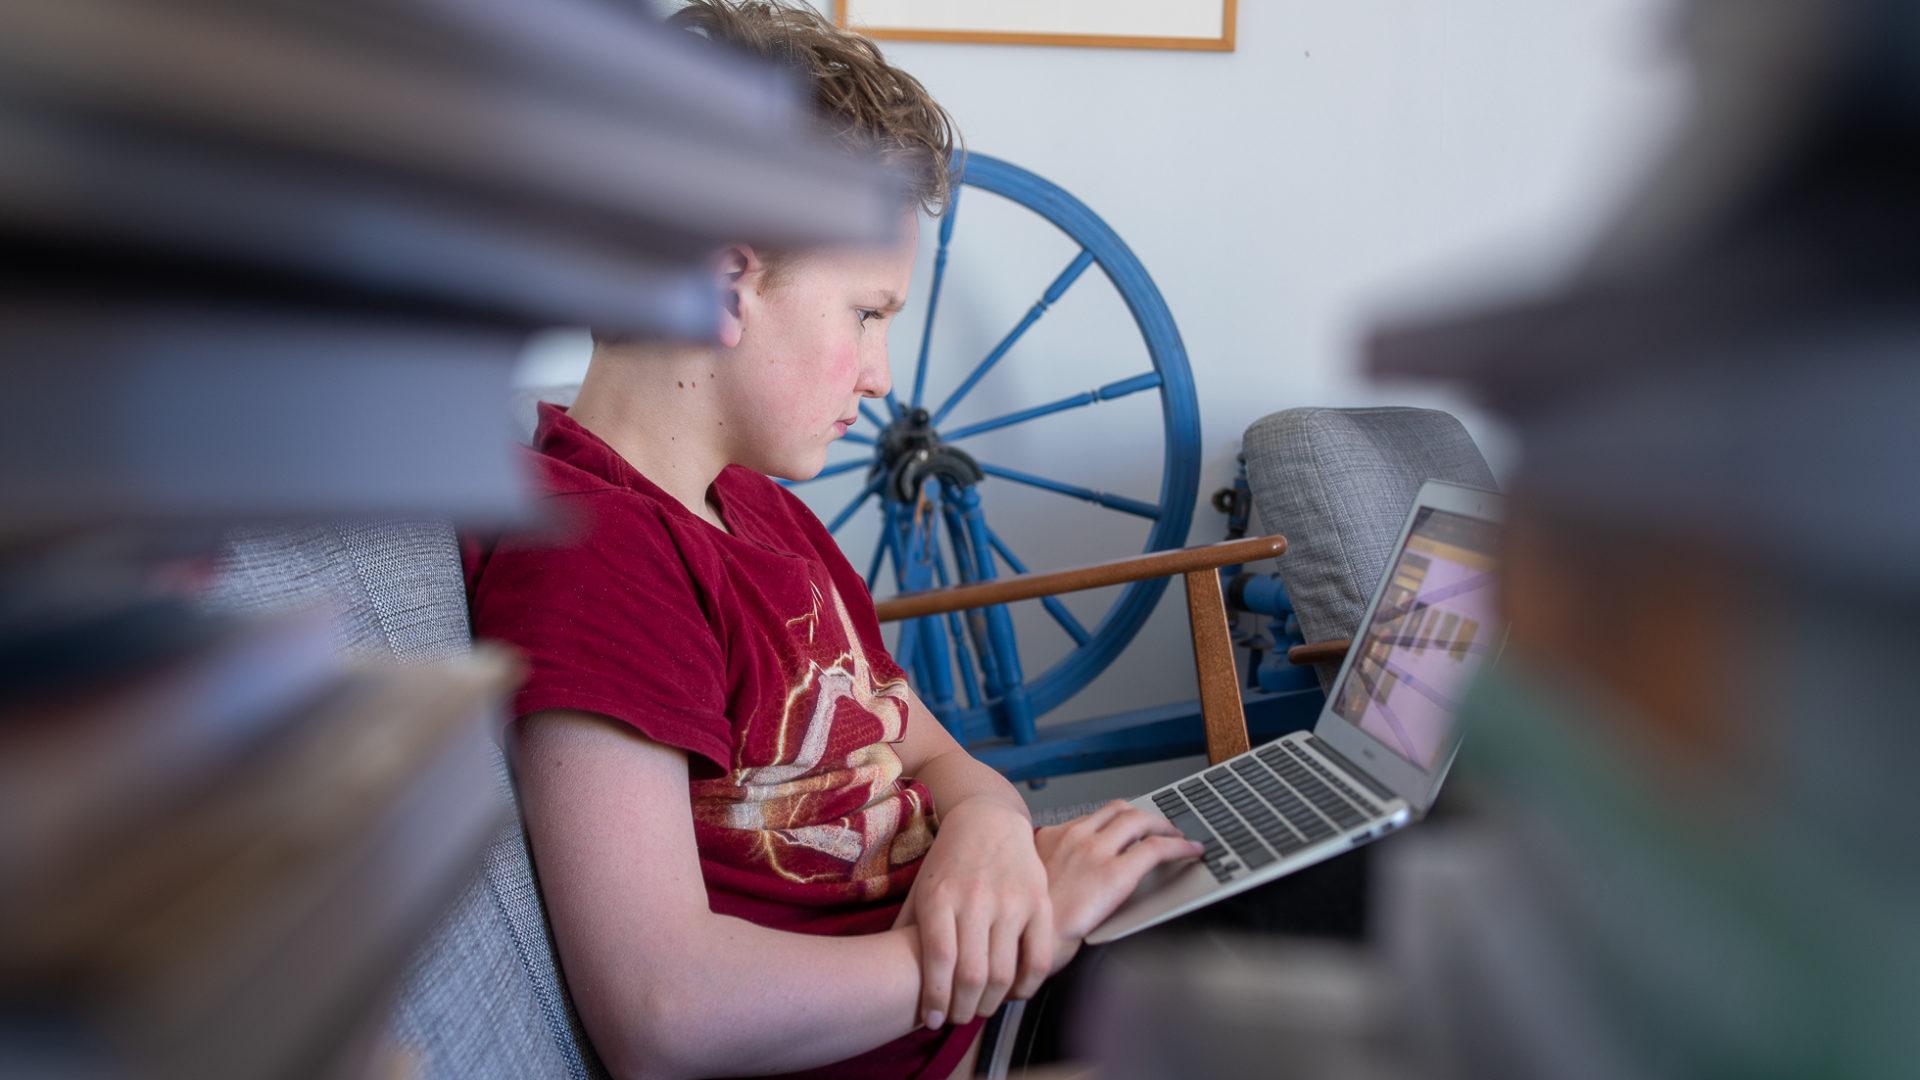 pojke sitter i soffan och arbetar på en laptop